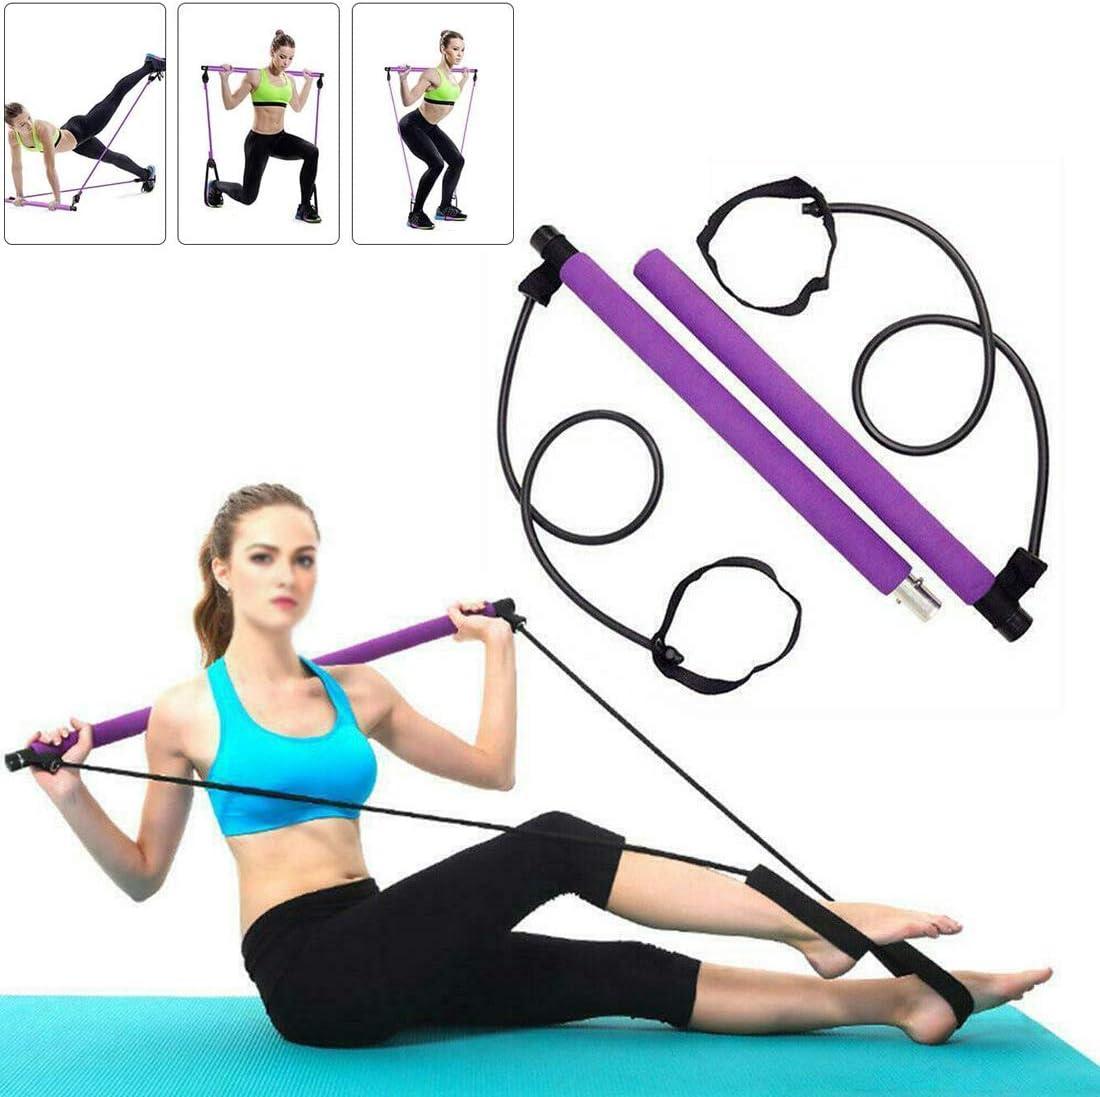 Kit de Barra de Pilates portátil con Banda de Resistencia Yoga Barra de Ejercicio de Yoga Pilates Stick con Foot Loop para Yoga, Estiramiento, Banda de Resistencia de Barra de Abdominales (púrpura)